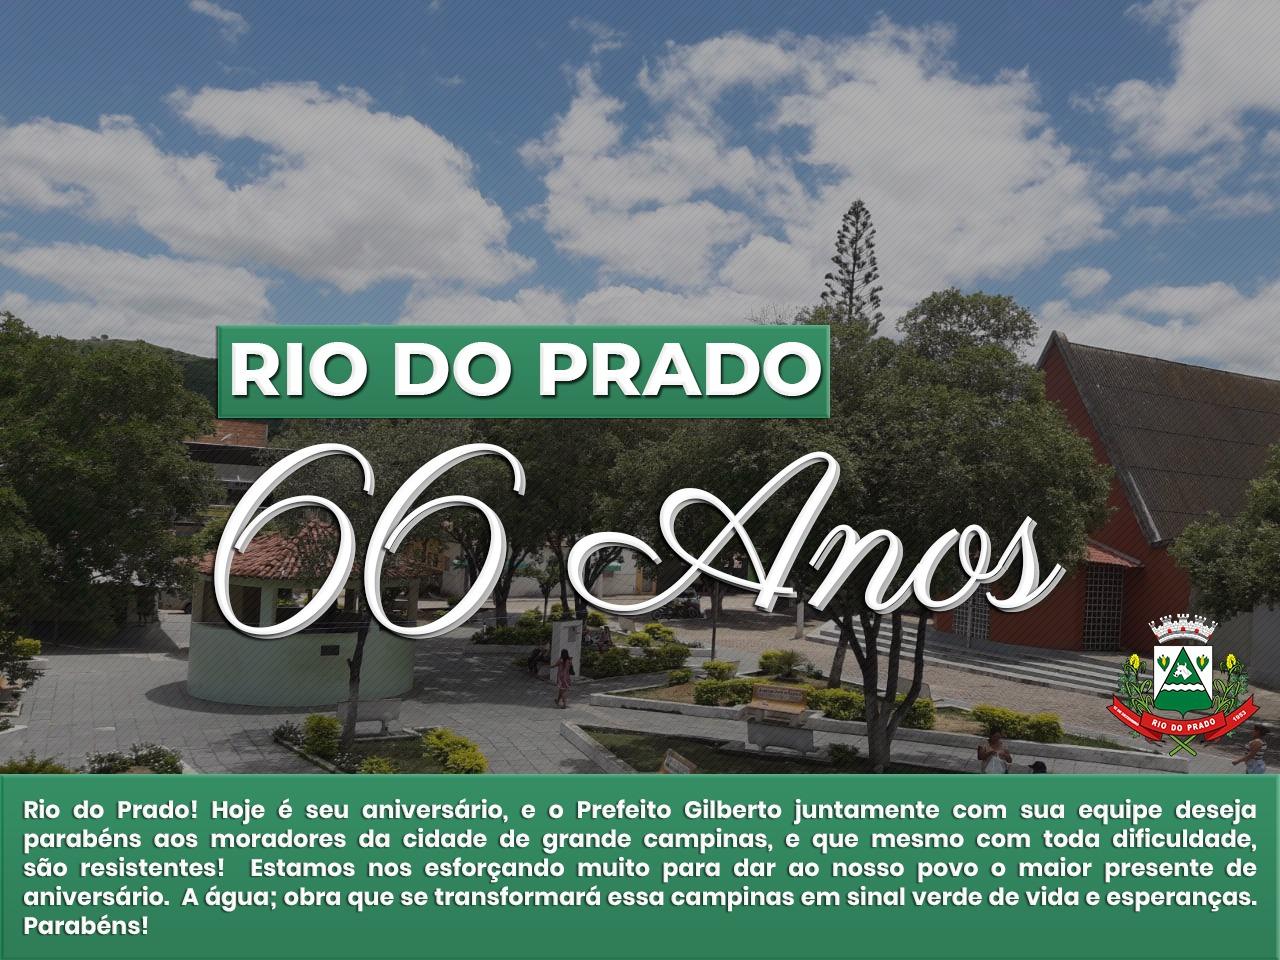 PARABÉNS RIO DO PRADO